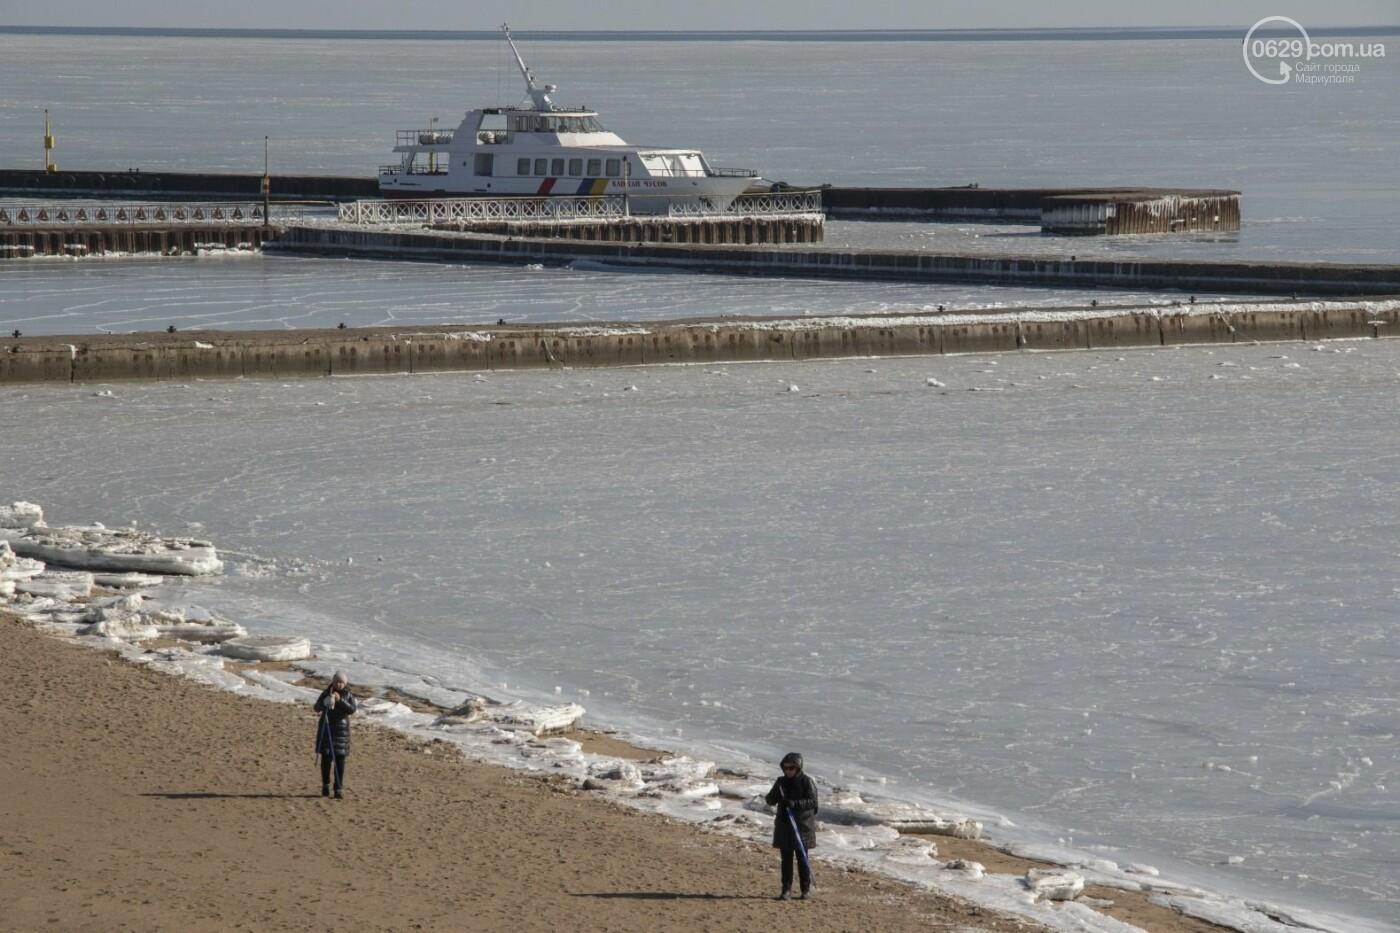 Встать в центр моря и не утонуть. 20 фотографий зимнего Азова в Мариуполе, - ФОТОРЕПОРТАЖ, фото-12